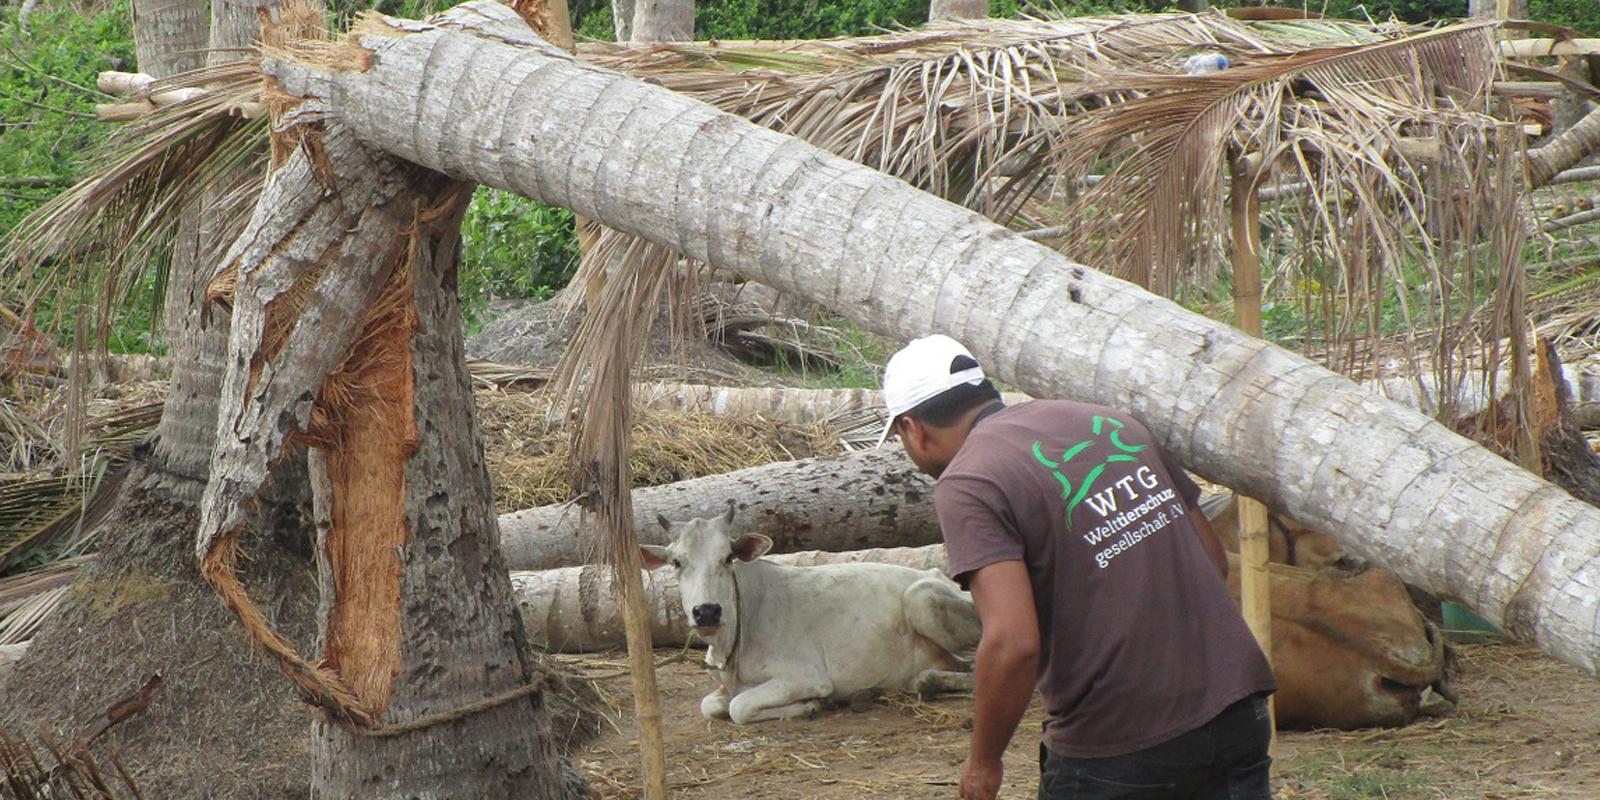 Soforthilfe in Bildern: Viele Tiere wurden von umstürzenden Bäumen verletzt